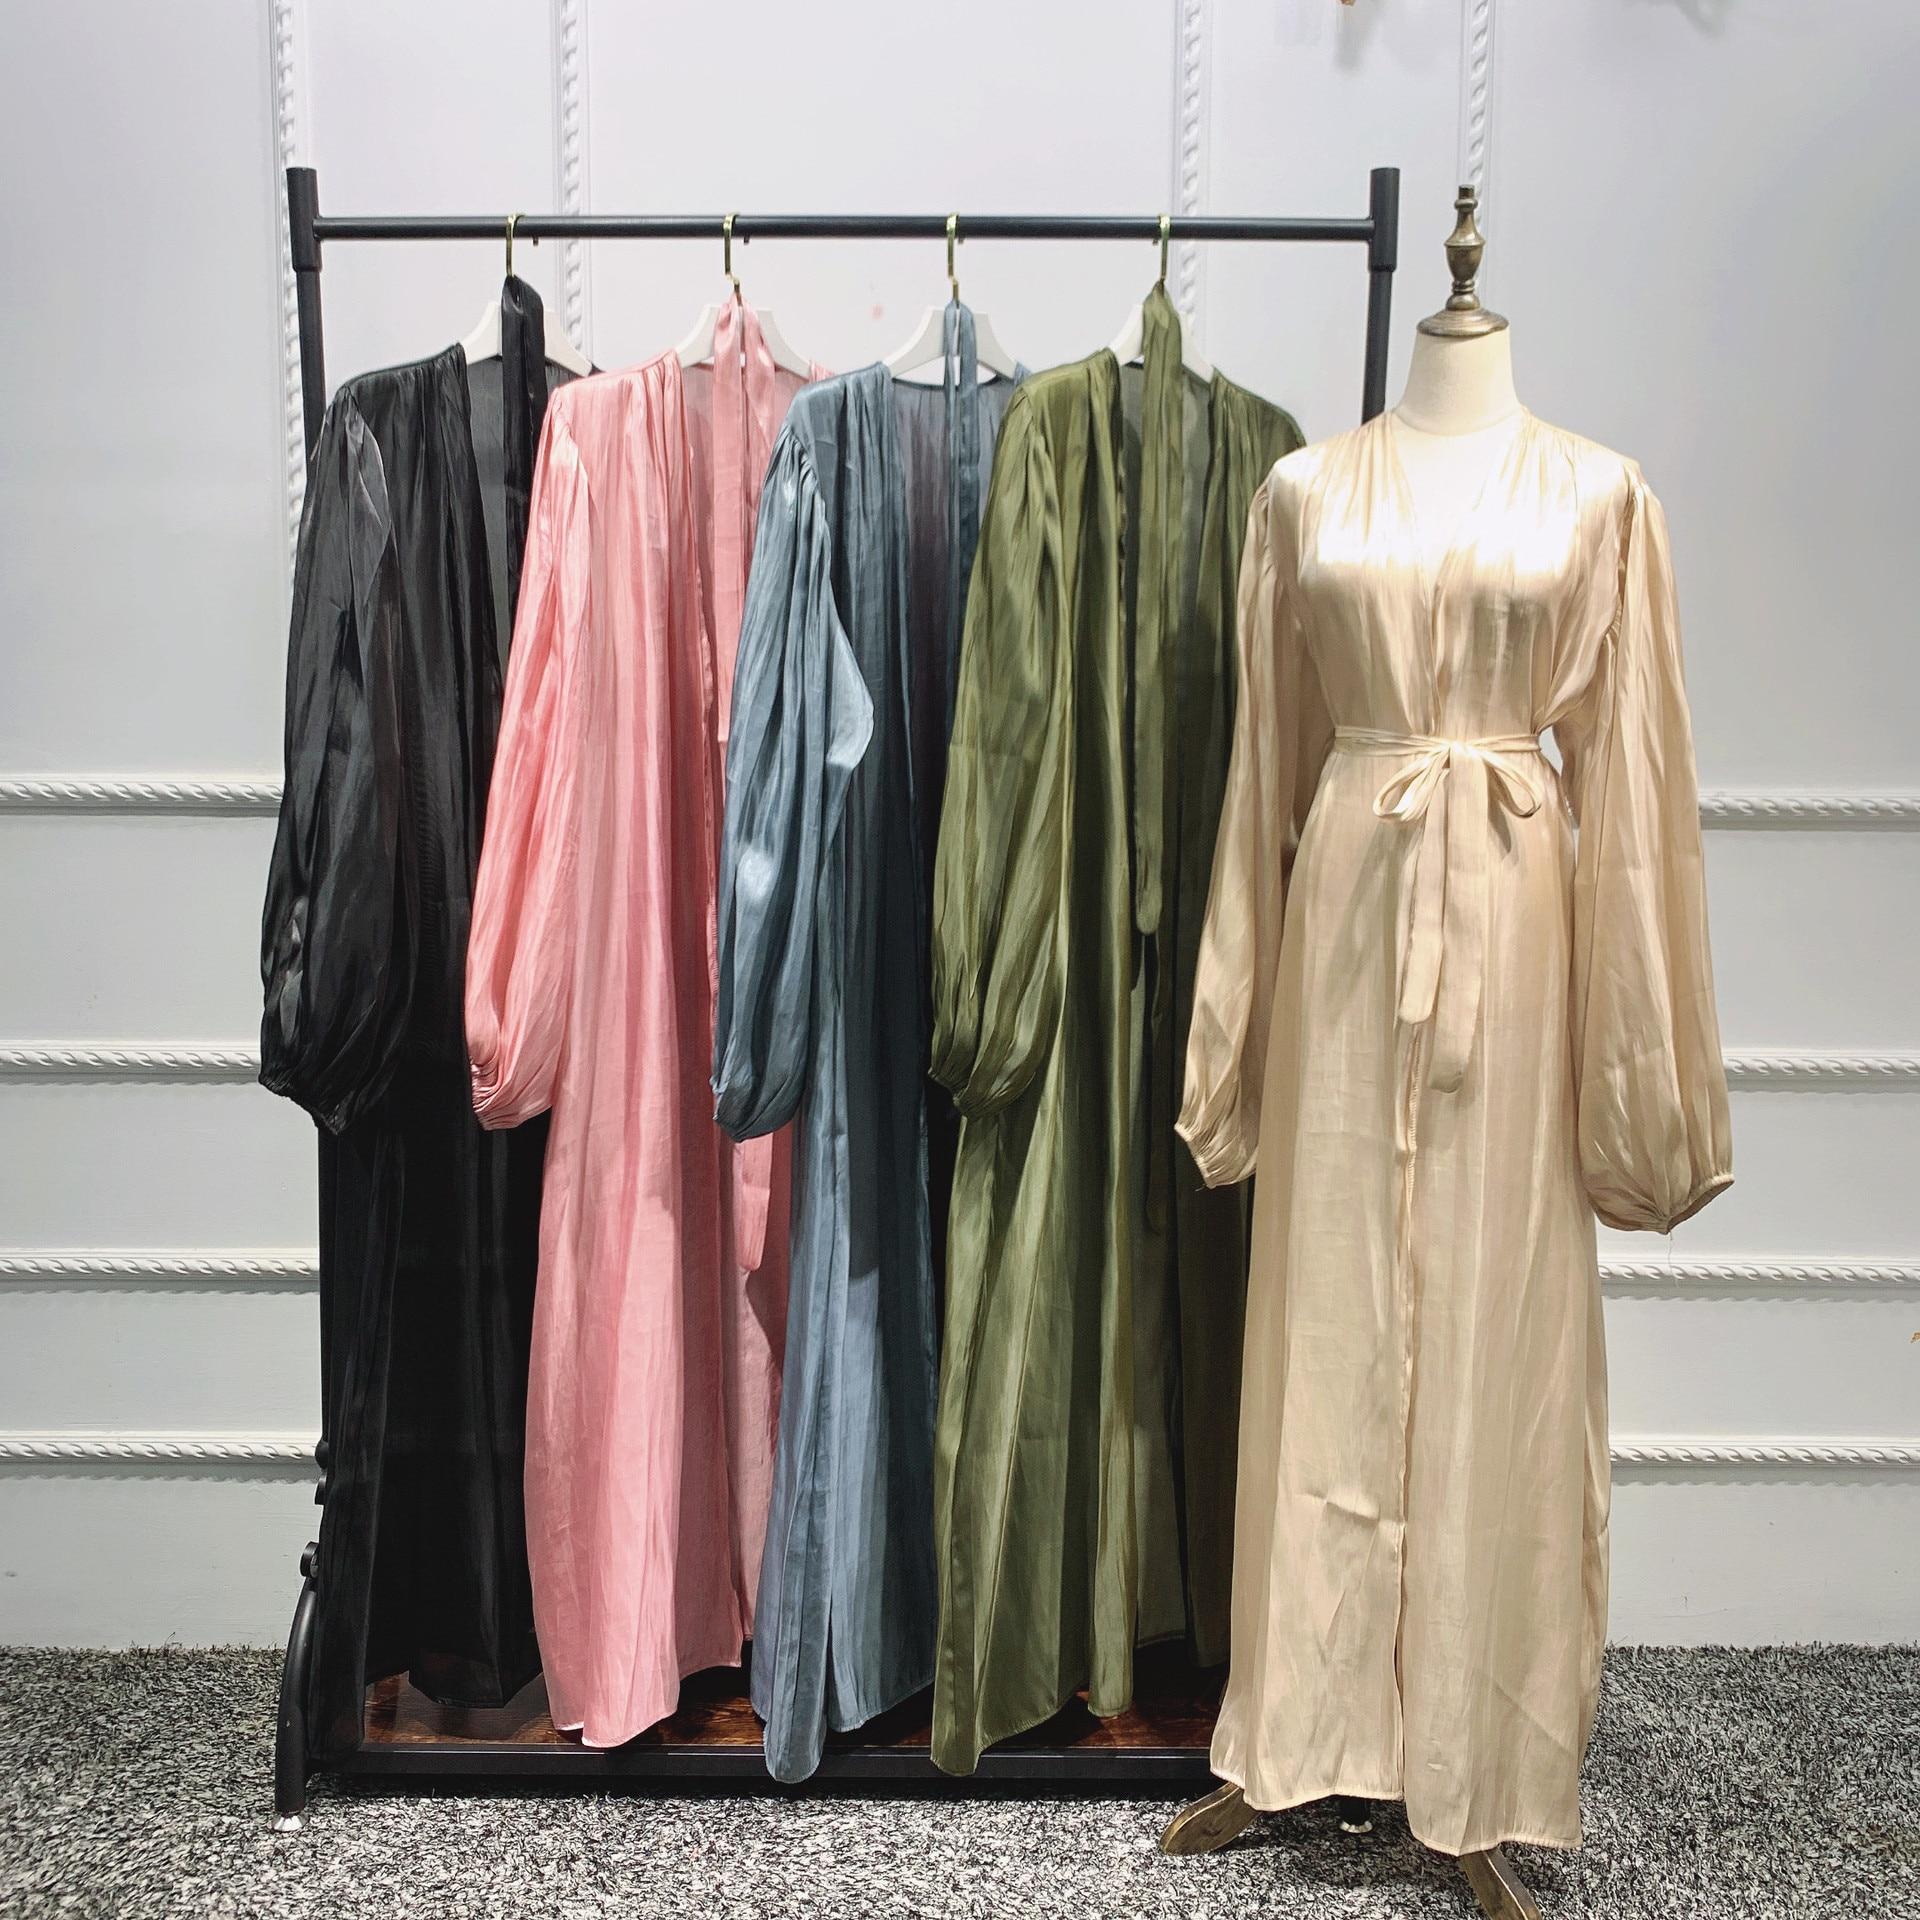 Robe Hijab Musulmane Eid Abaya dubaï, manches bulle, robes turques d'été, Abayas pour femmes, vêtements islamiques, Kimono Femme Musulmane 6